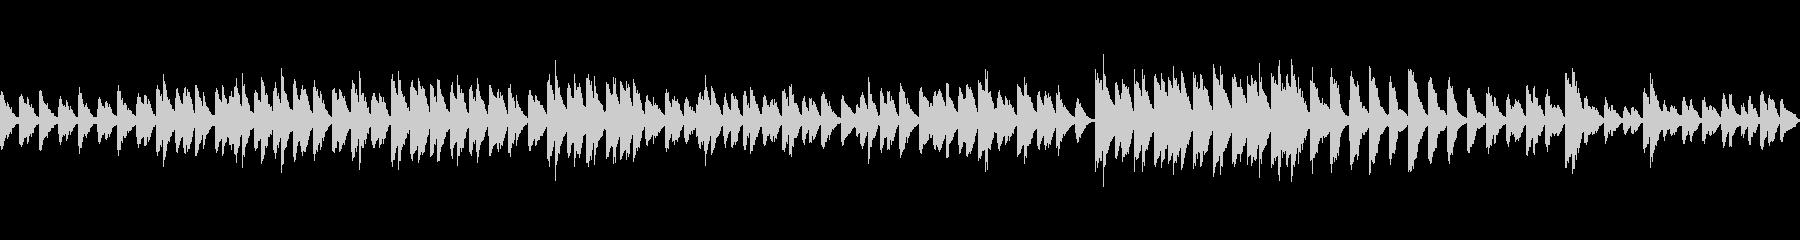 シンプルなバラード調のピアノループ素材の未再生の波形